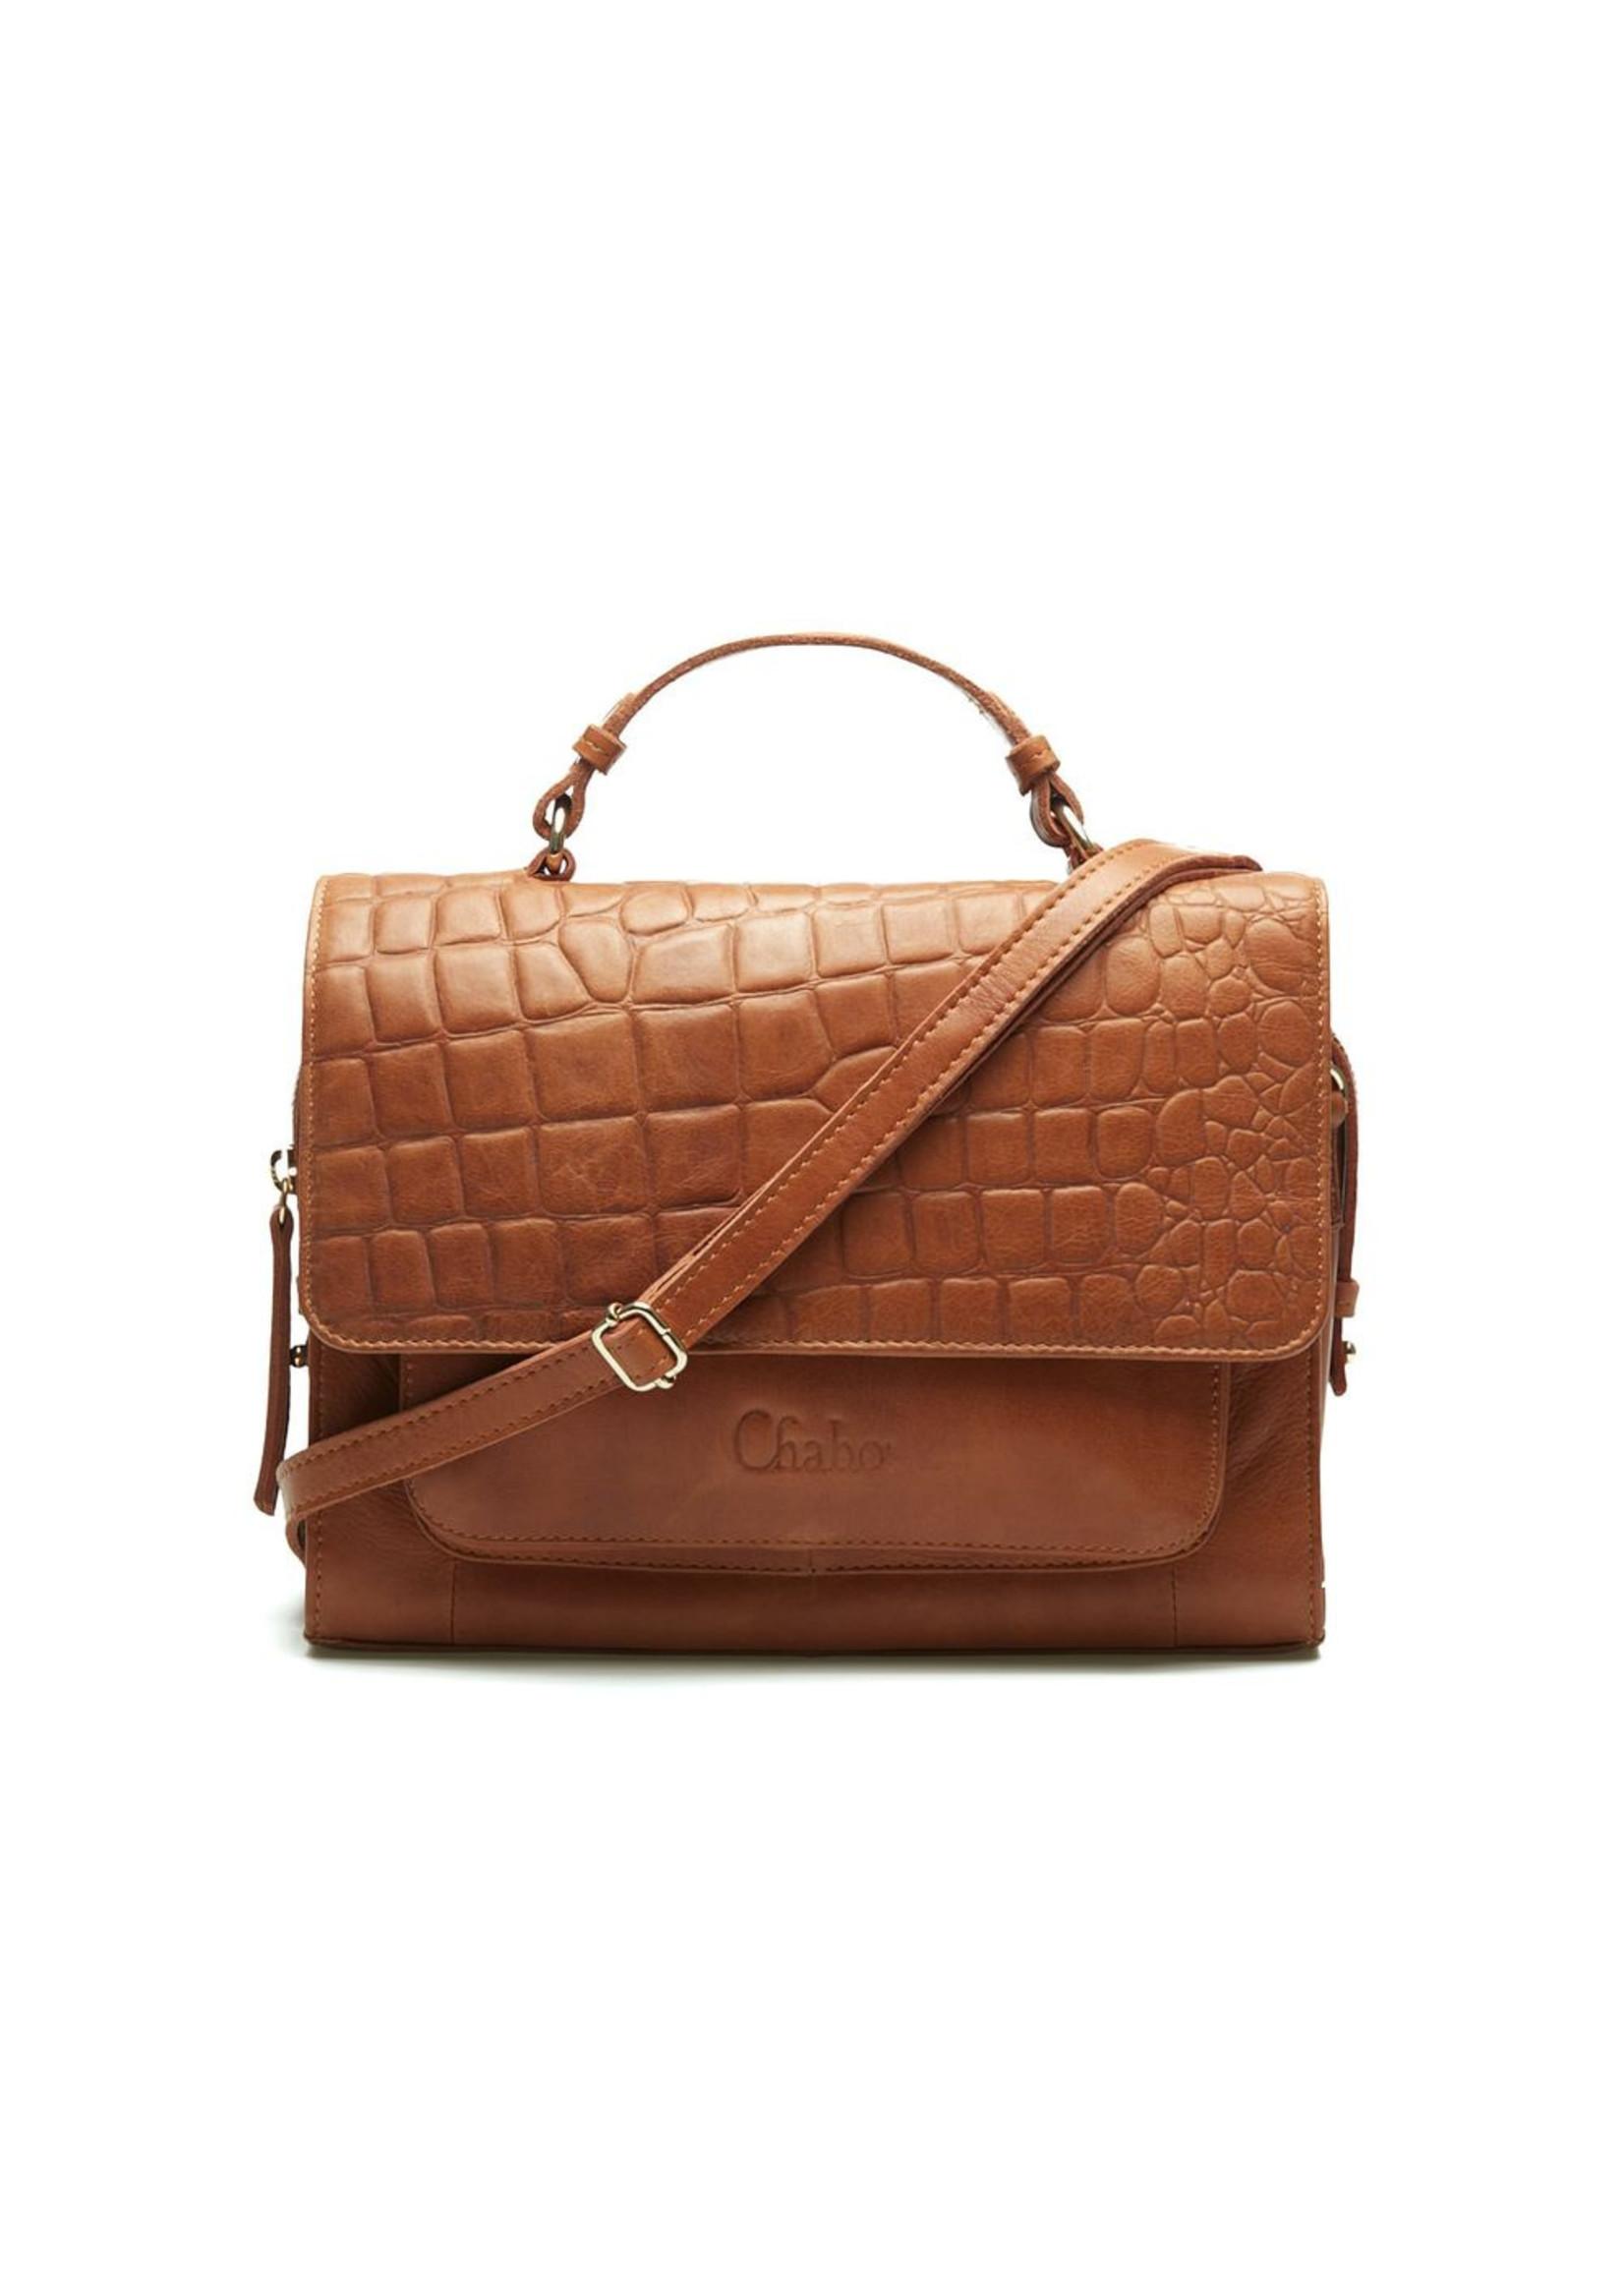 Chabo Bags Amy Croco Handbag Camel